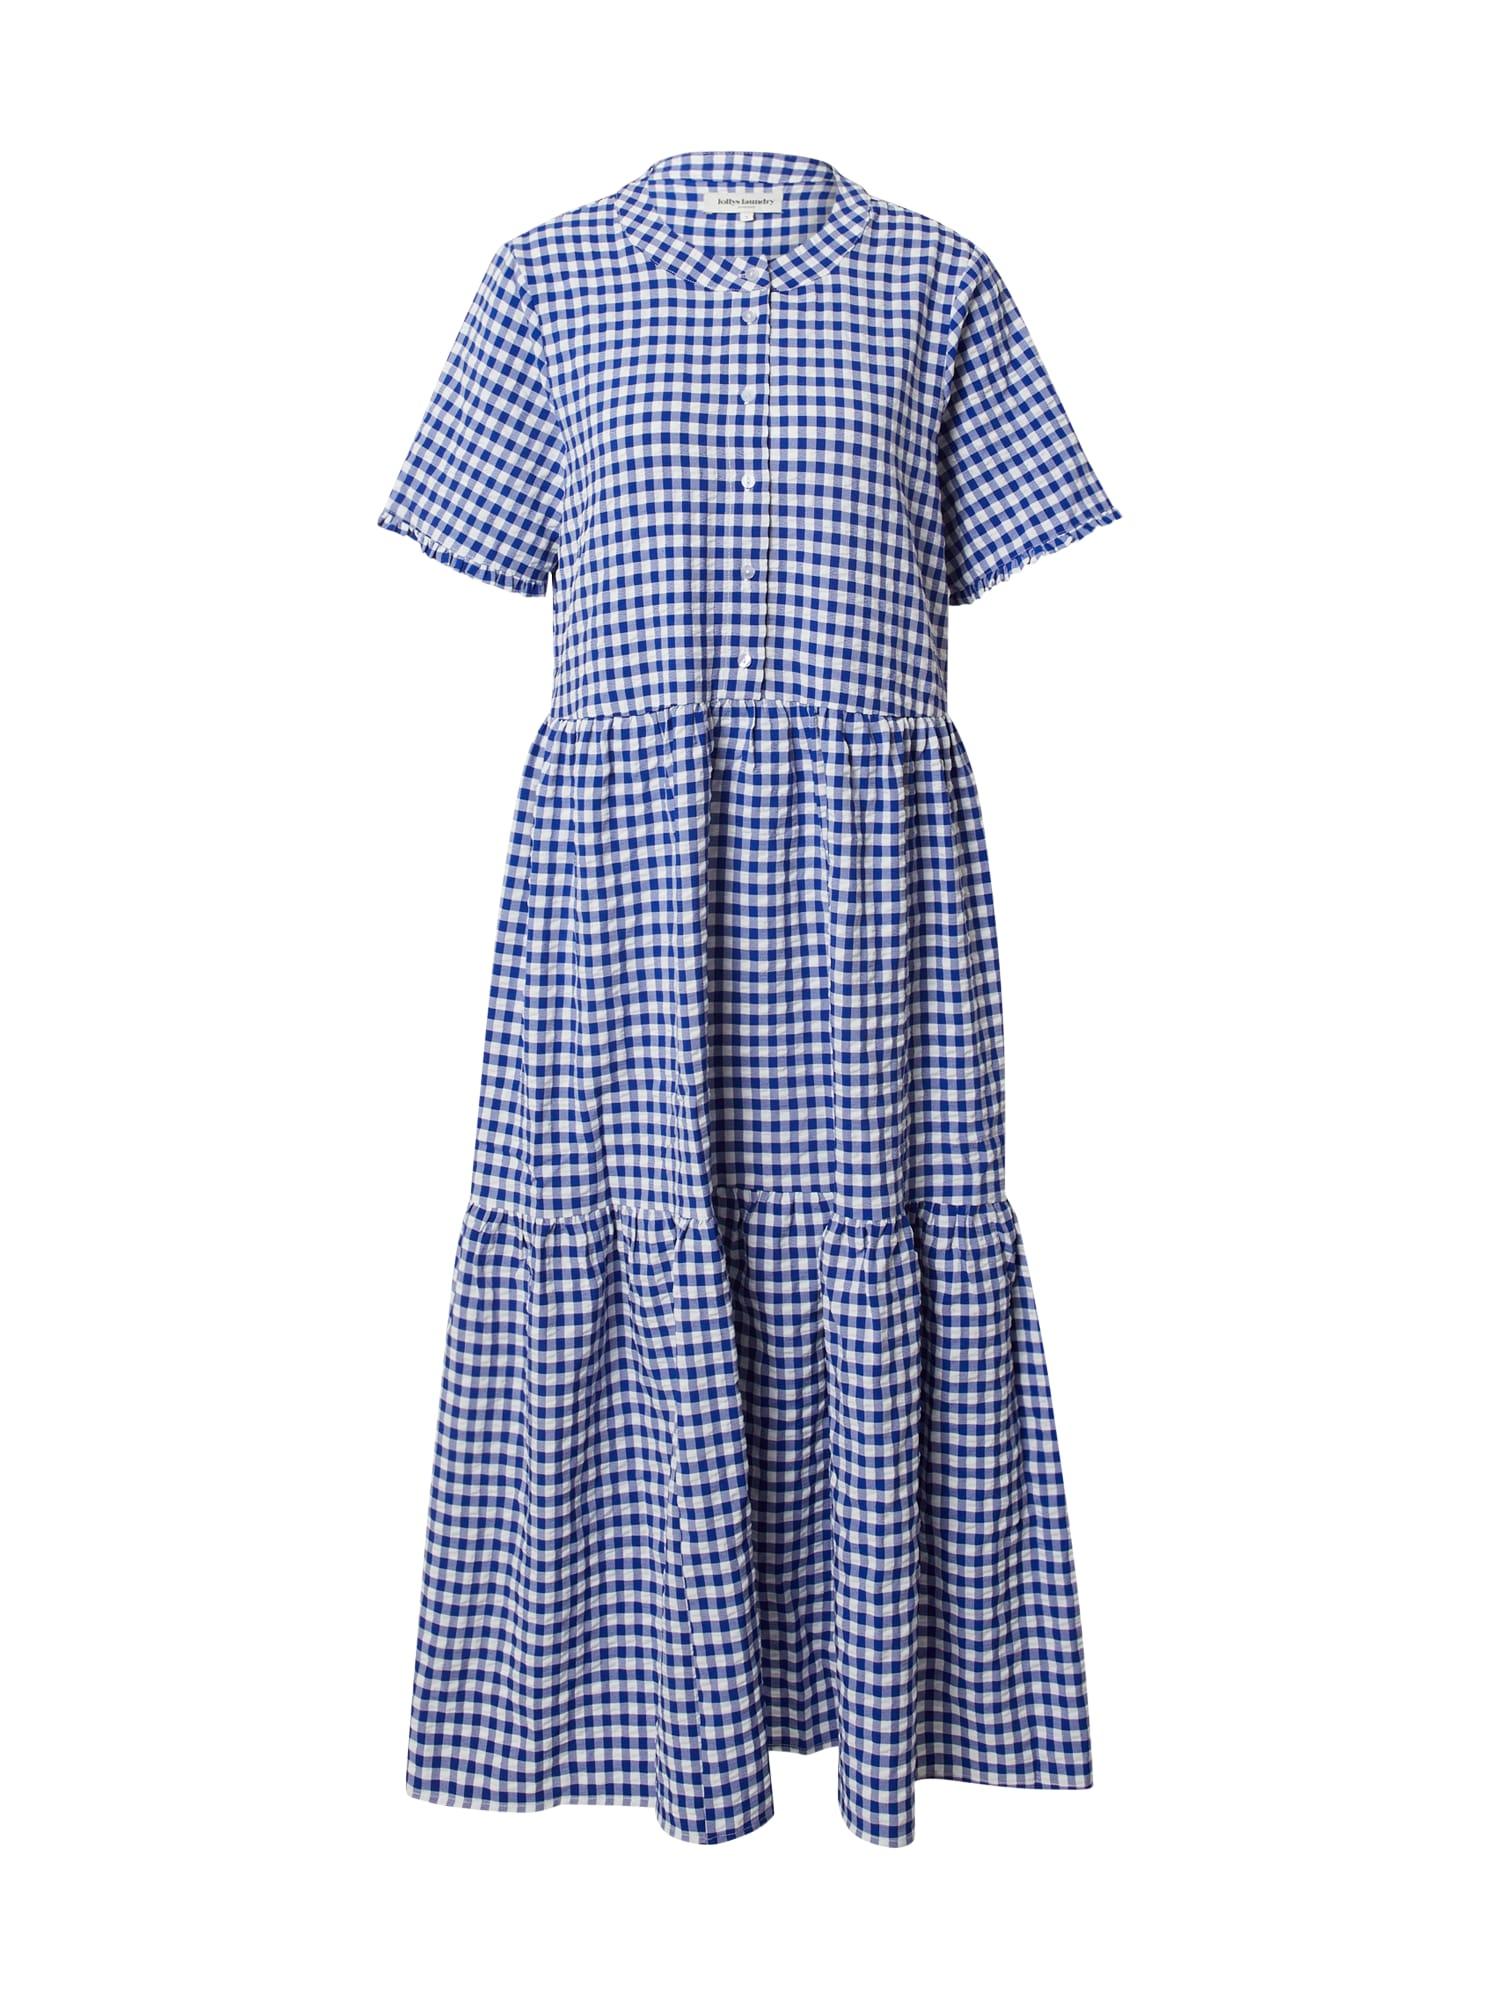 Lollys Laundry Palaidinės tipo suknelė mėlyna / balta